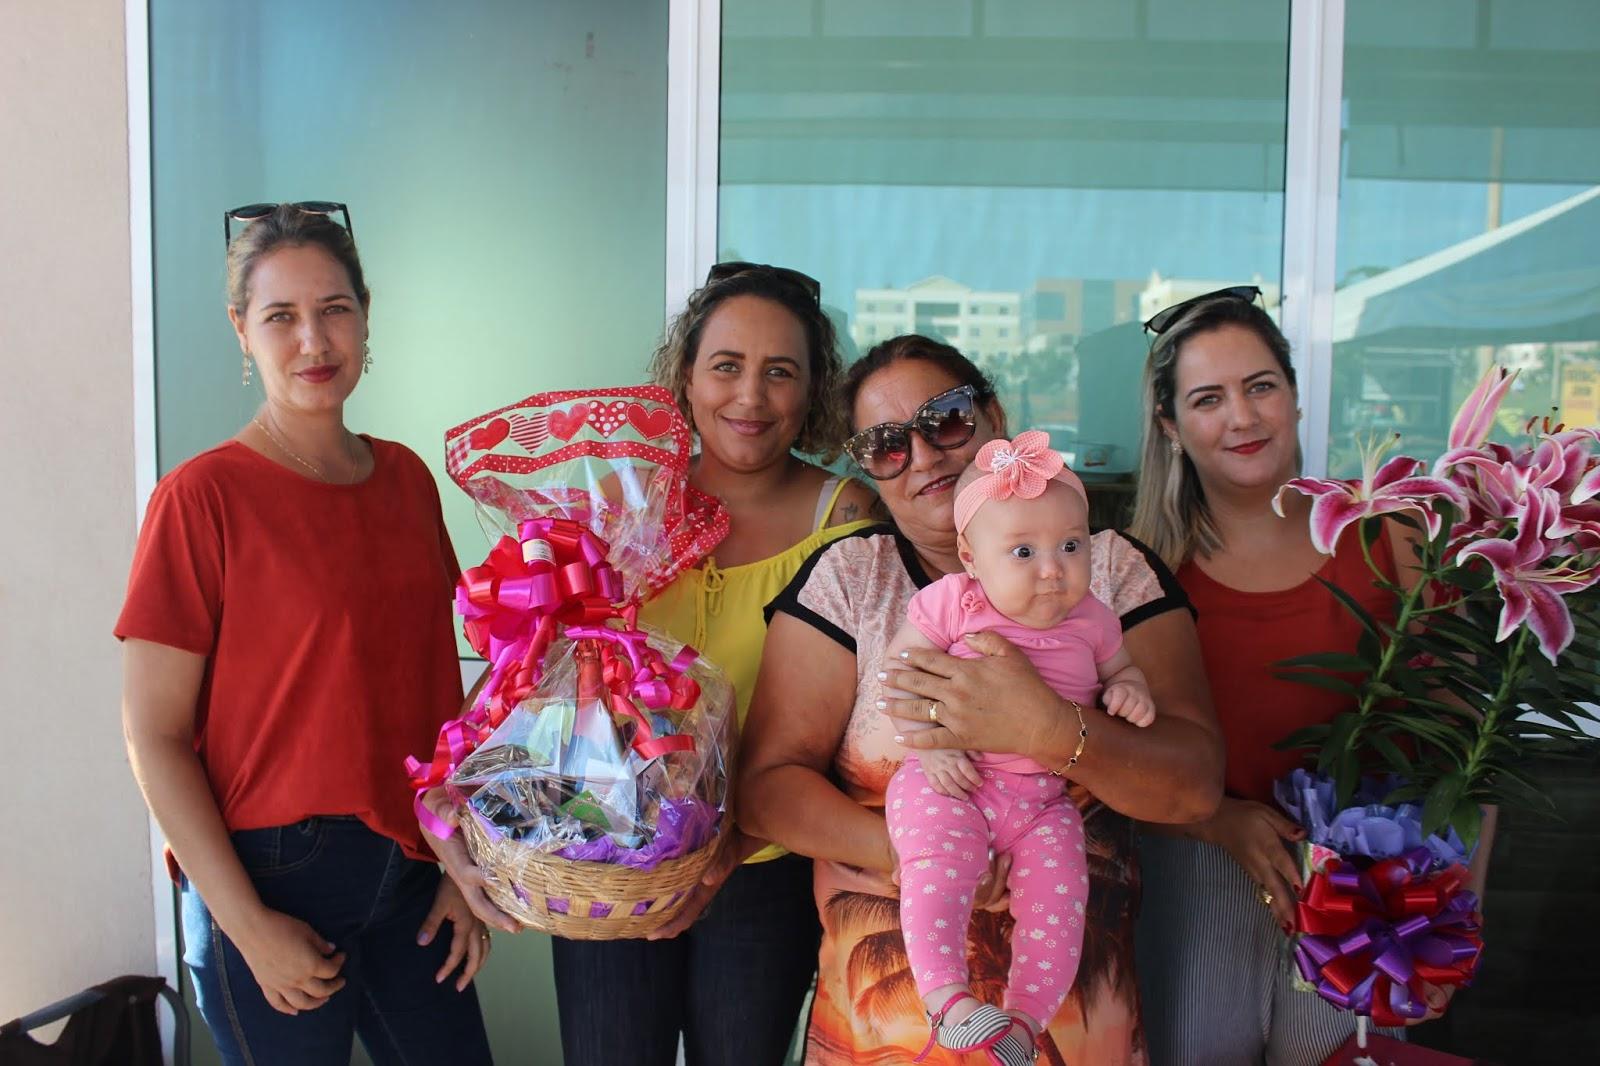 IMG 3670 - Dia 12 de maio dia das Mães no Jardins Mangueiral foi com muta diverção e alegria com um lindo café da manha